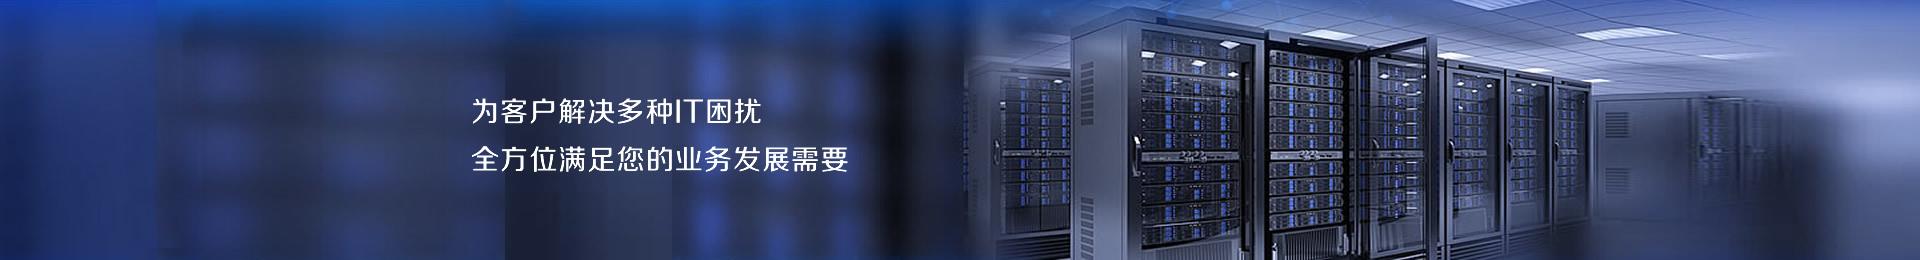 联想服务器在用户满意度上超过思科及IBM,名列榜首